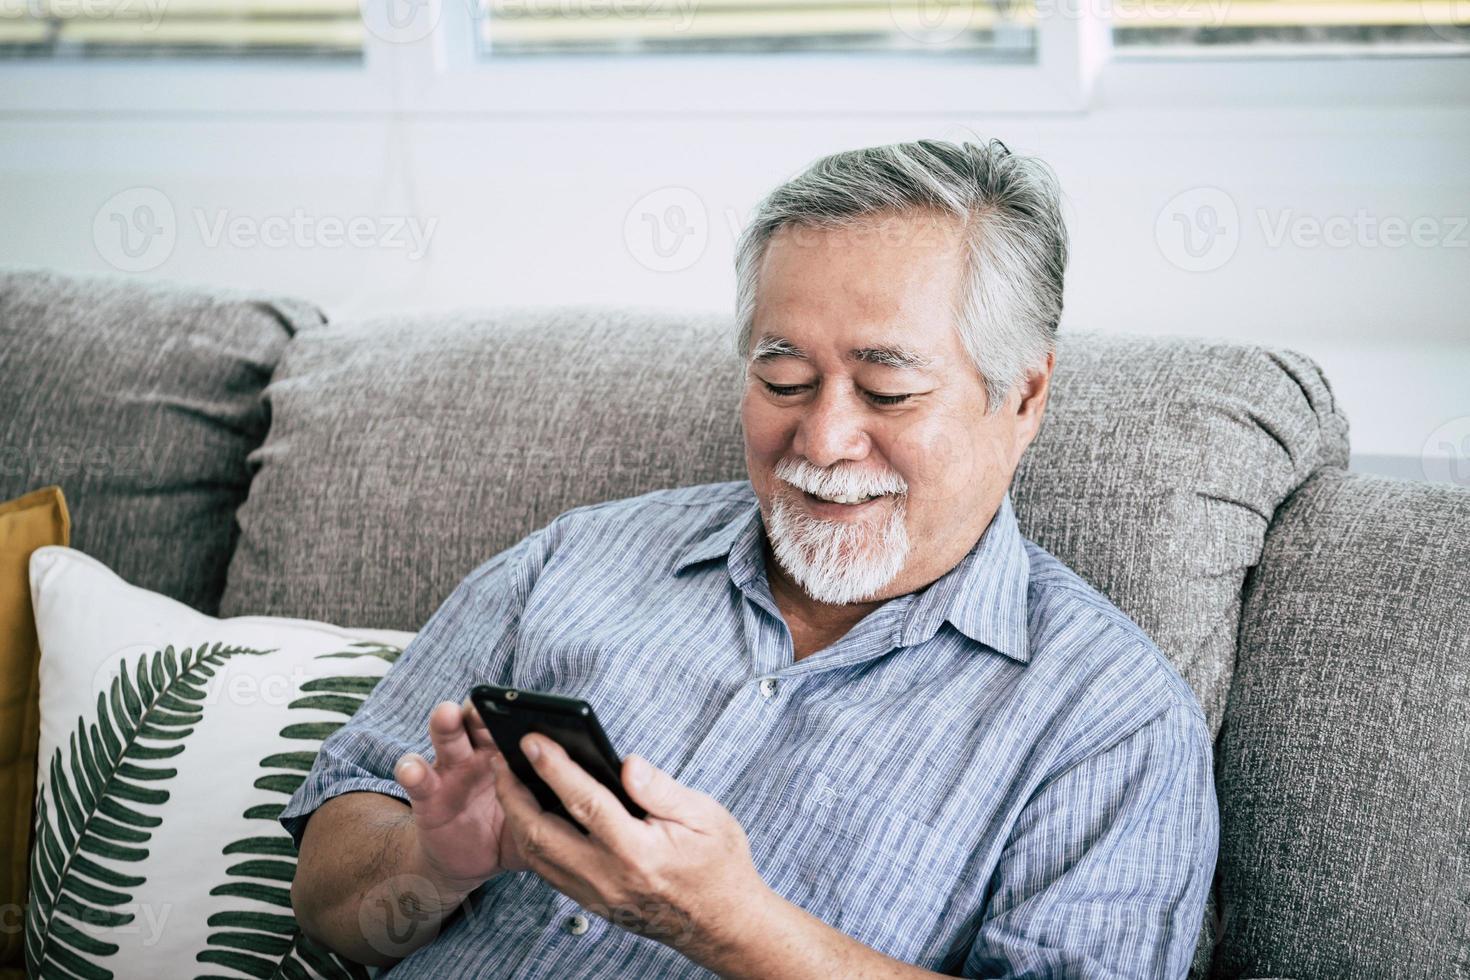 homem sênior usando smartphone foto